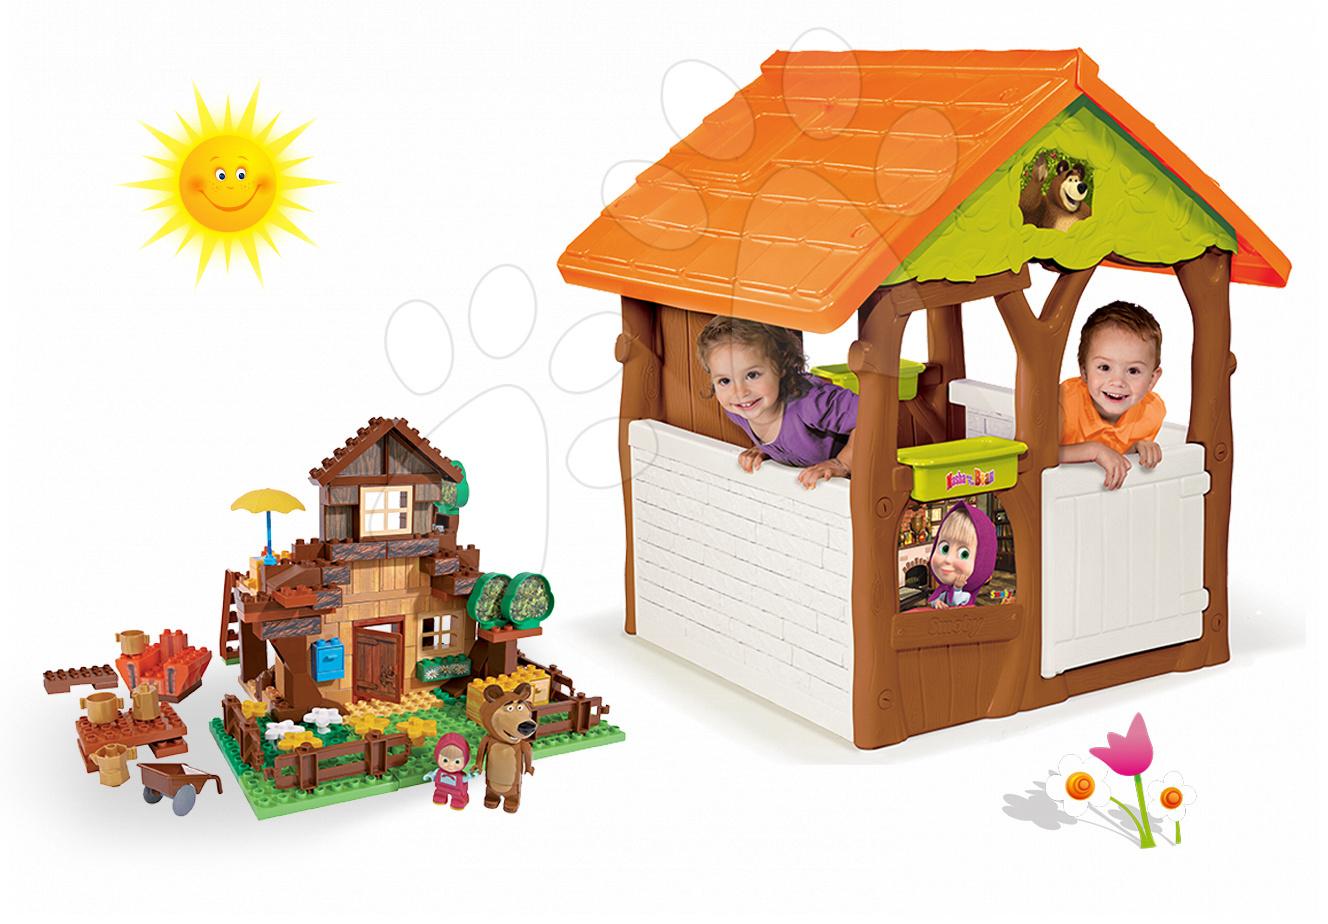 Domčeky sety - Set domček Máša a medveď Smoby s kvetináčom a stavebnica PlayBIG Bloxx domček 162 dielov od 24 mes